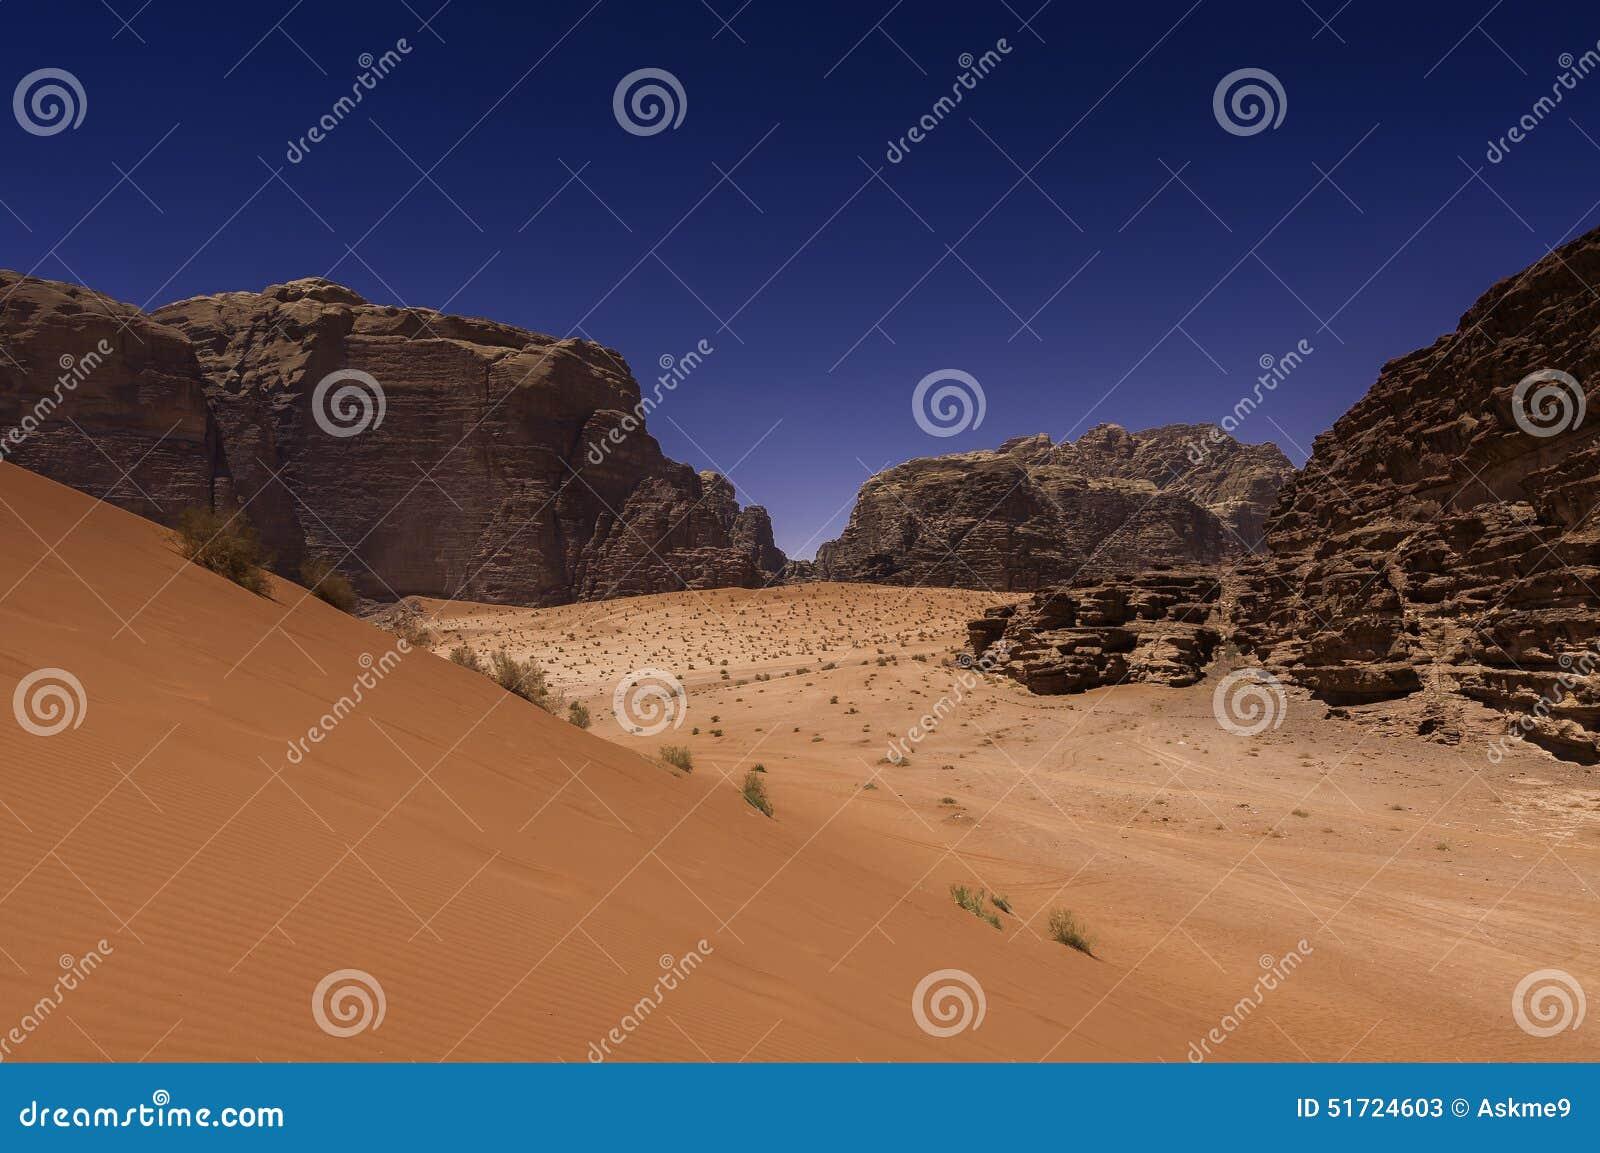 De Woestijn van de Rum van de wadi, Jordanië